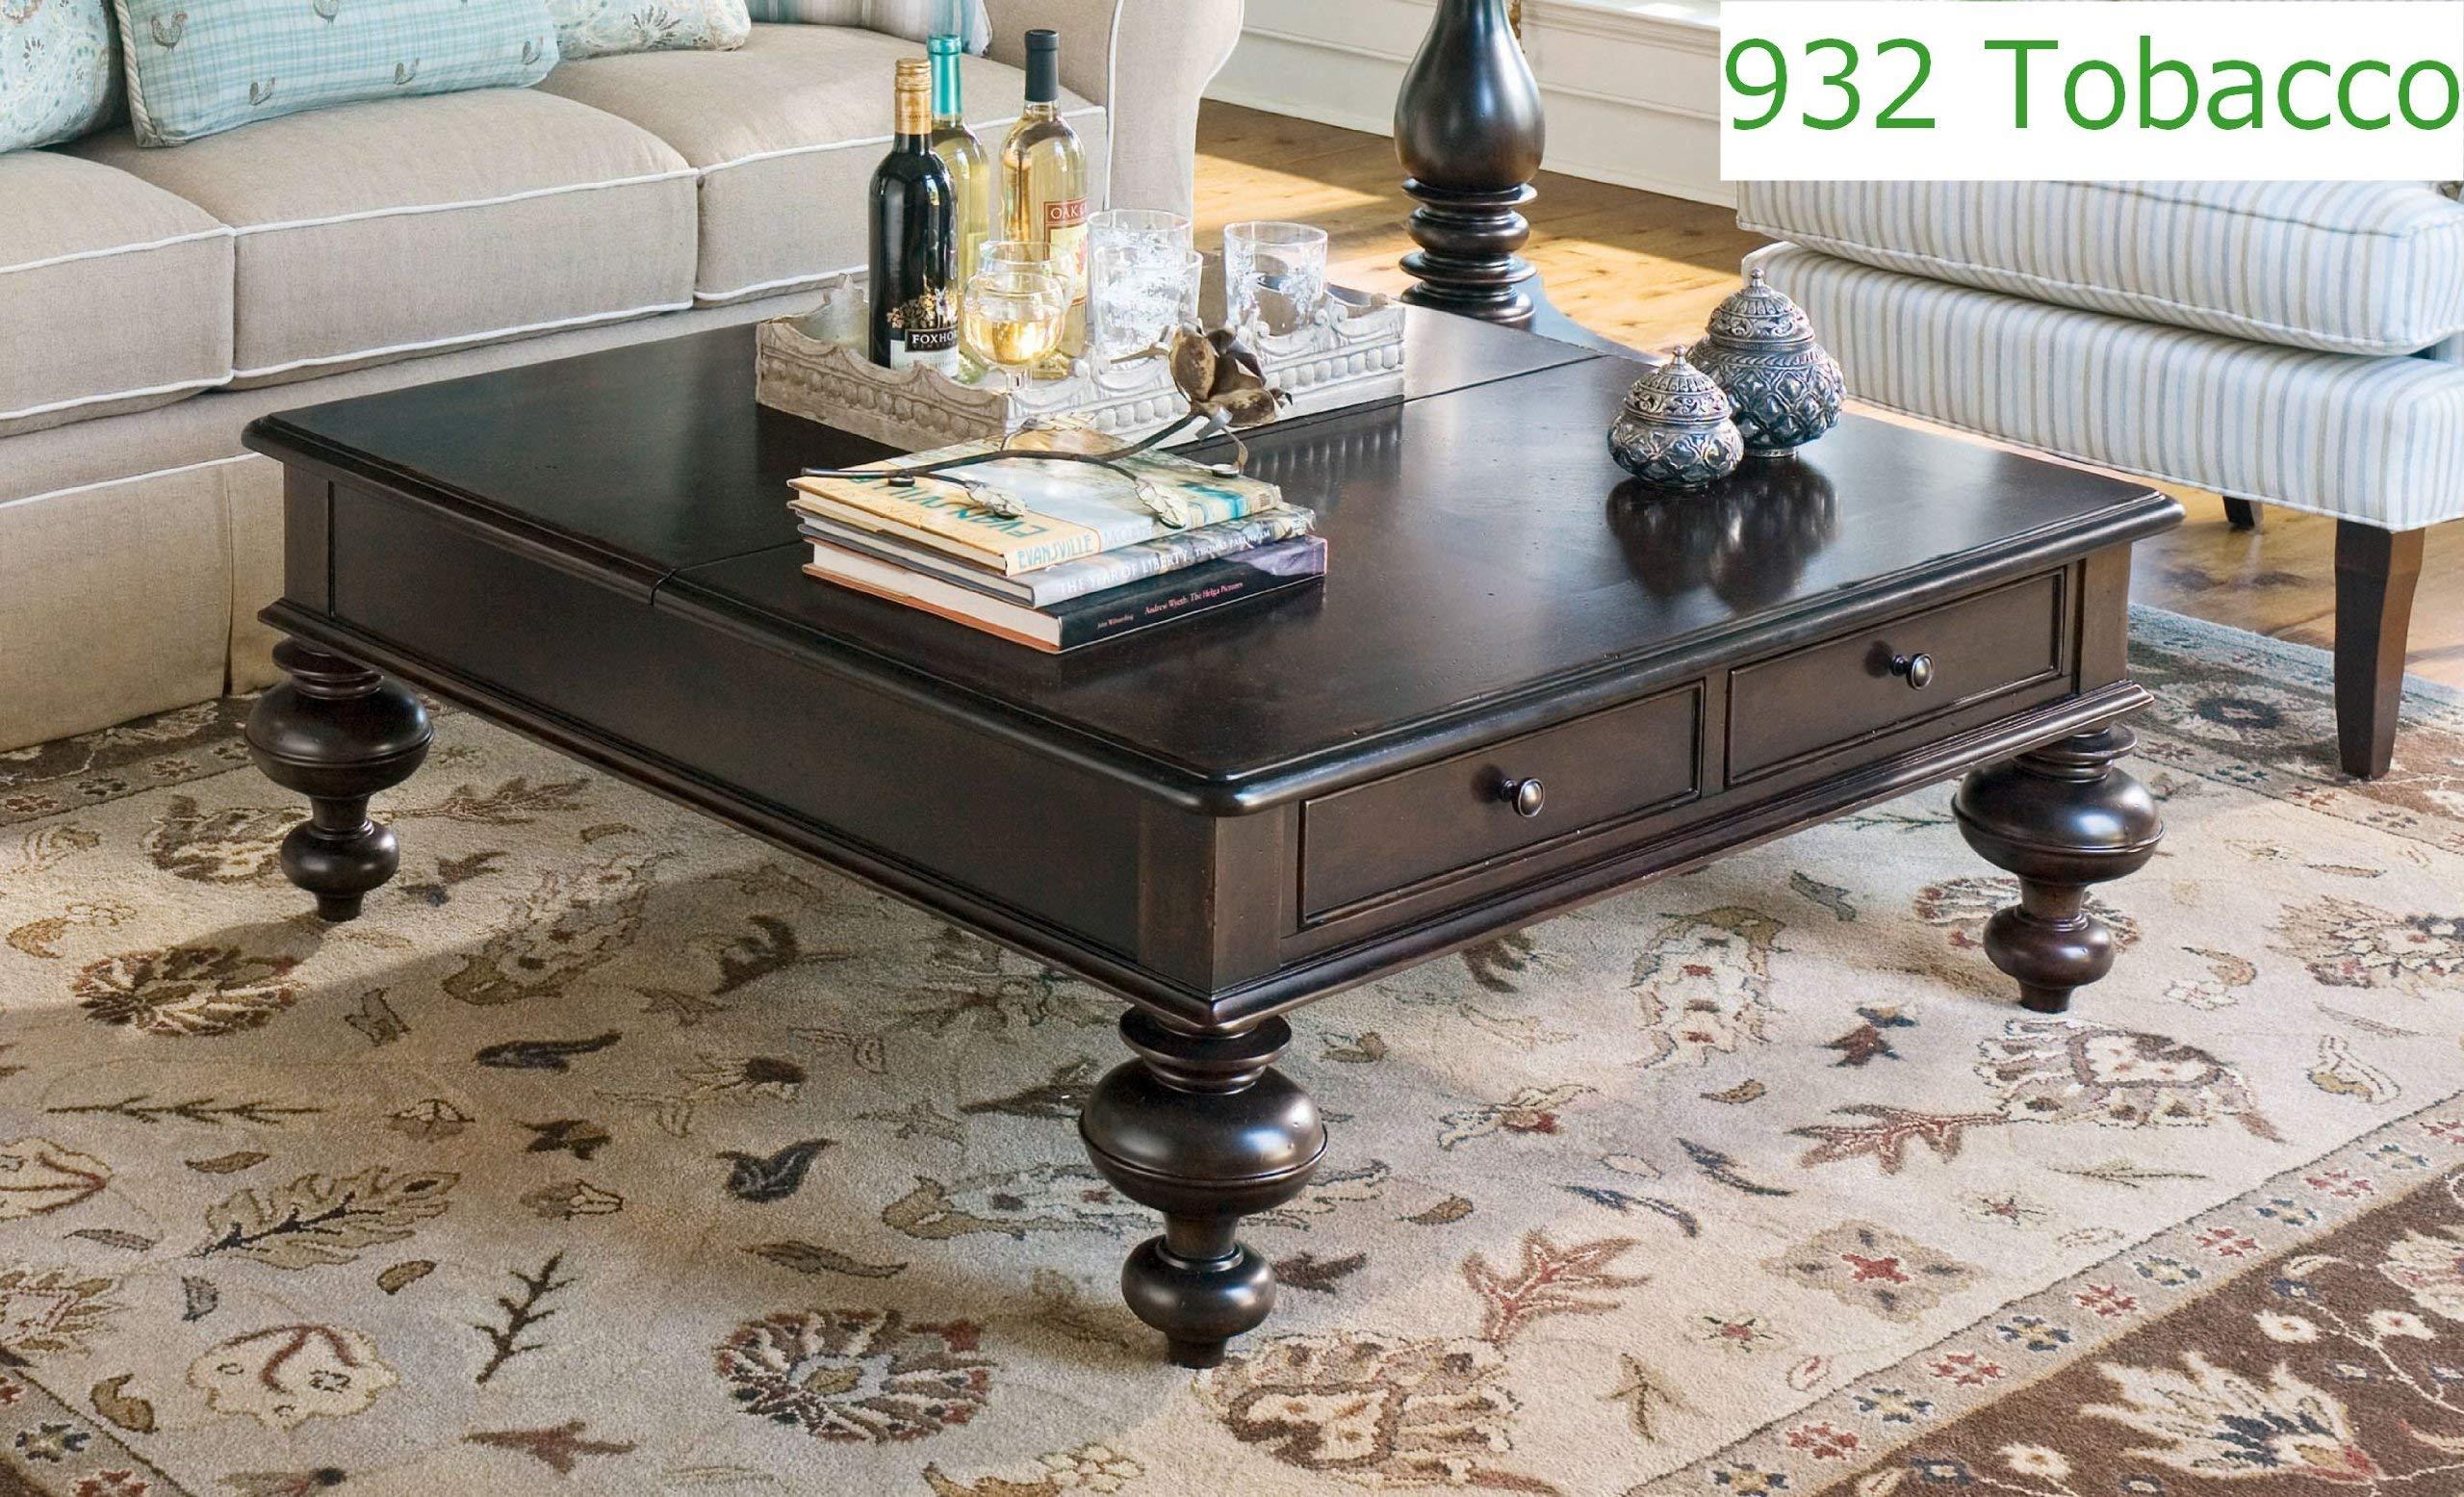 Paula Deen Home Put Your Table, Tobacco by Paula Deen